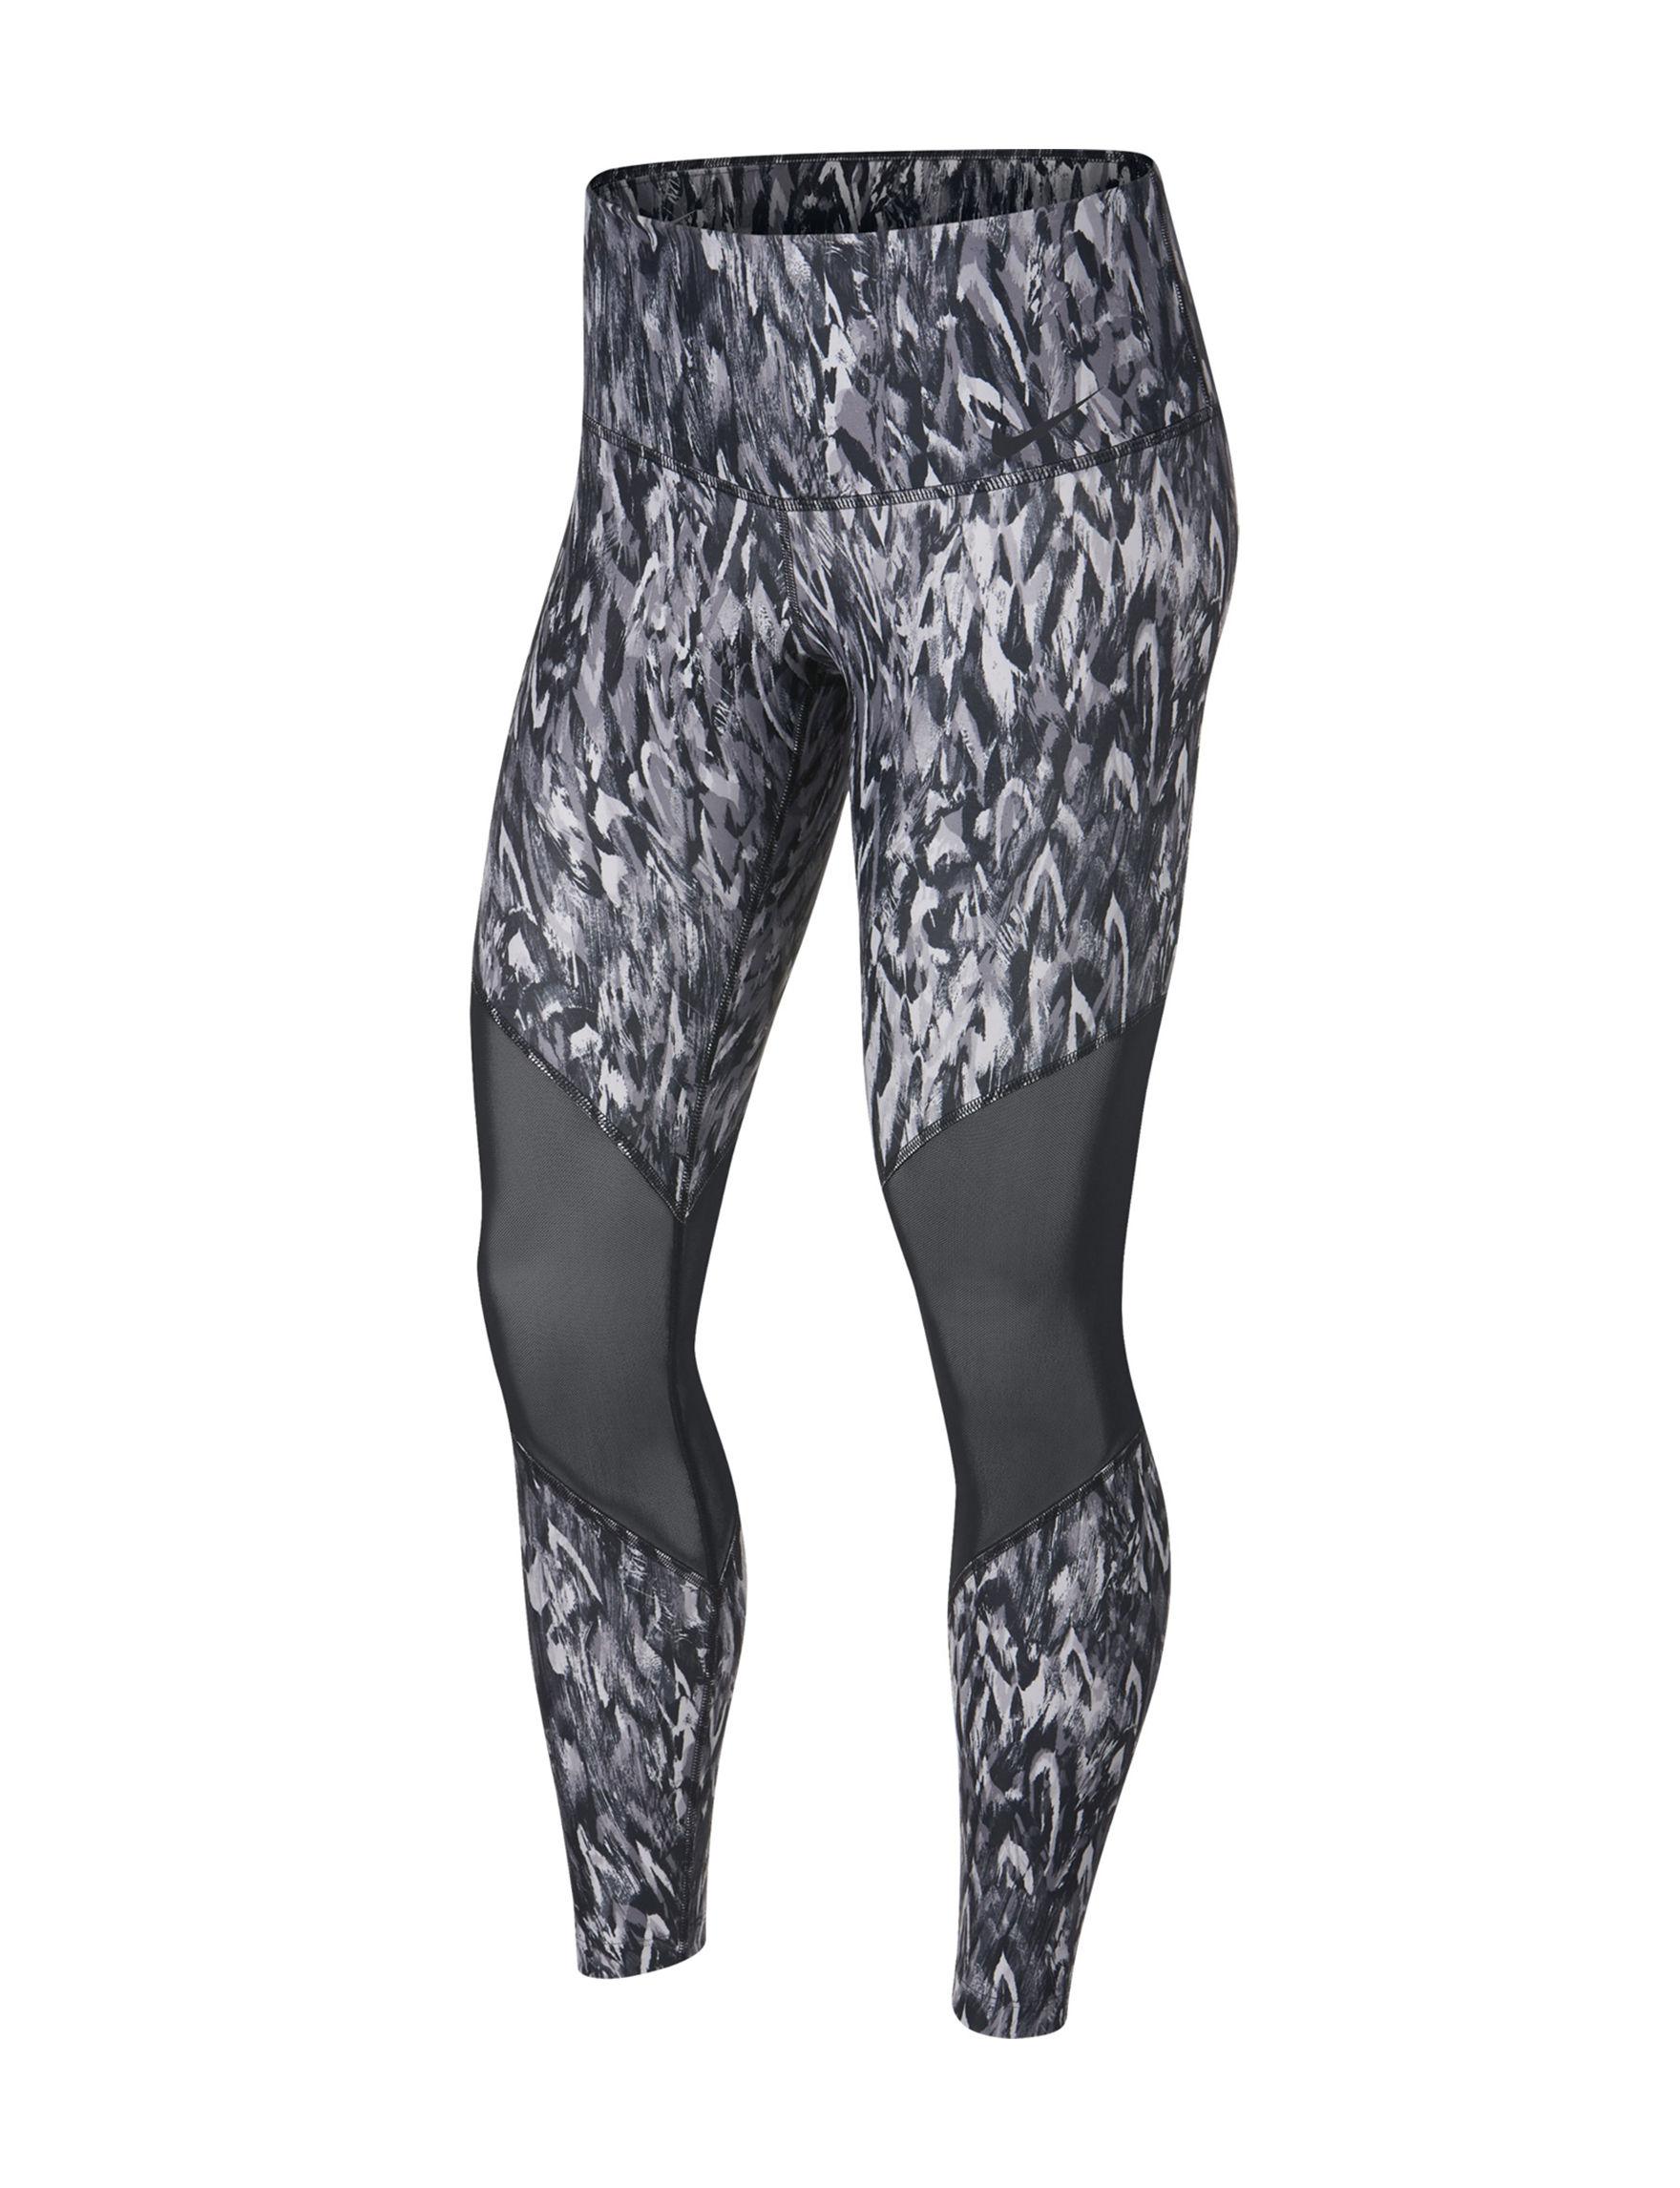 Nike Grey Leggings